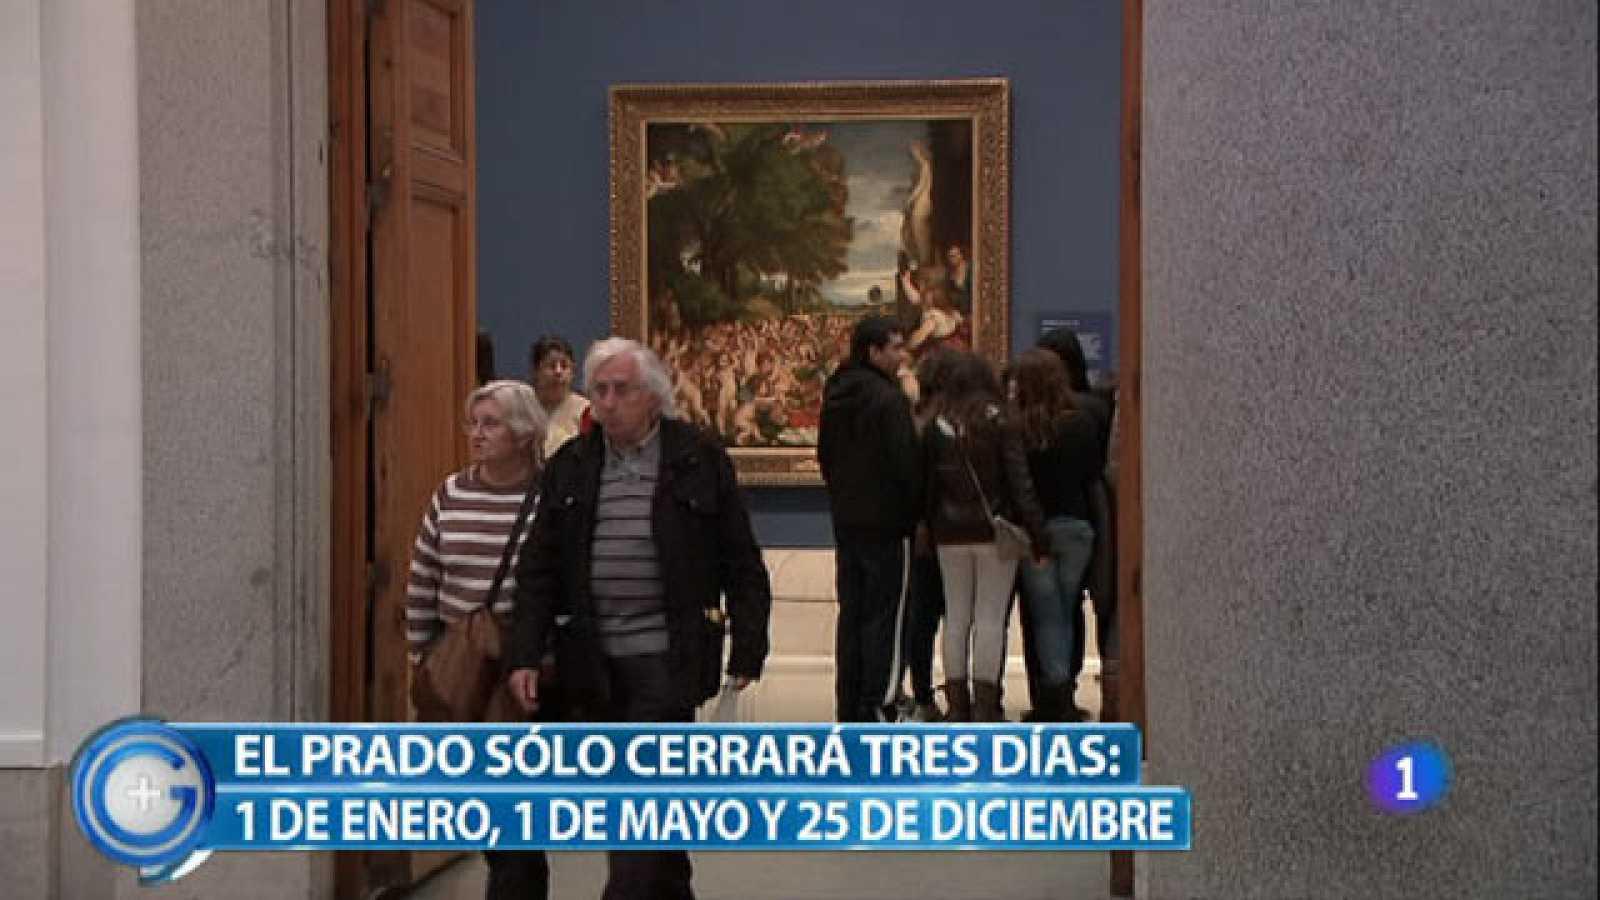 Más Gente - El Museo del Prado abrirá todos los días